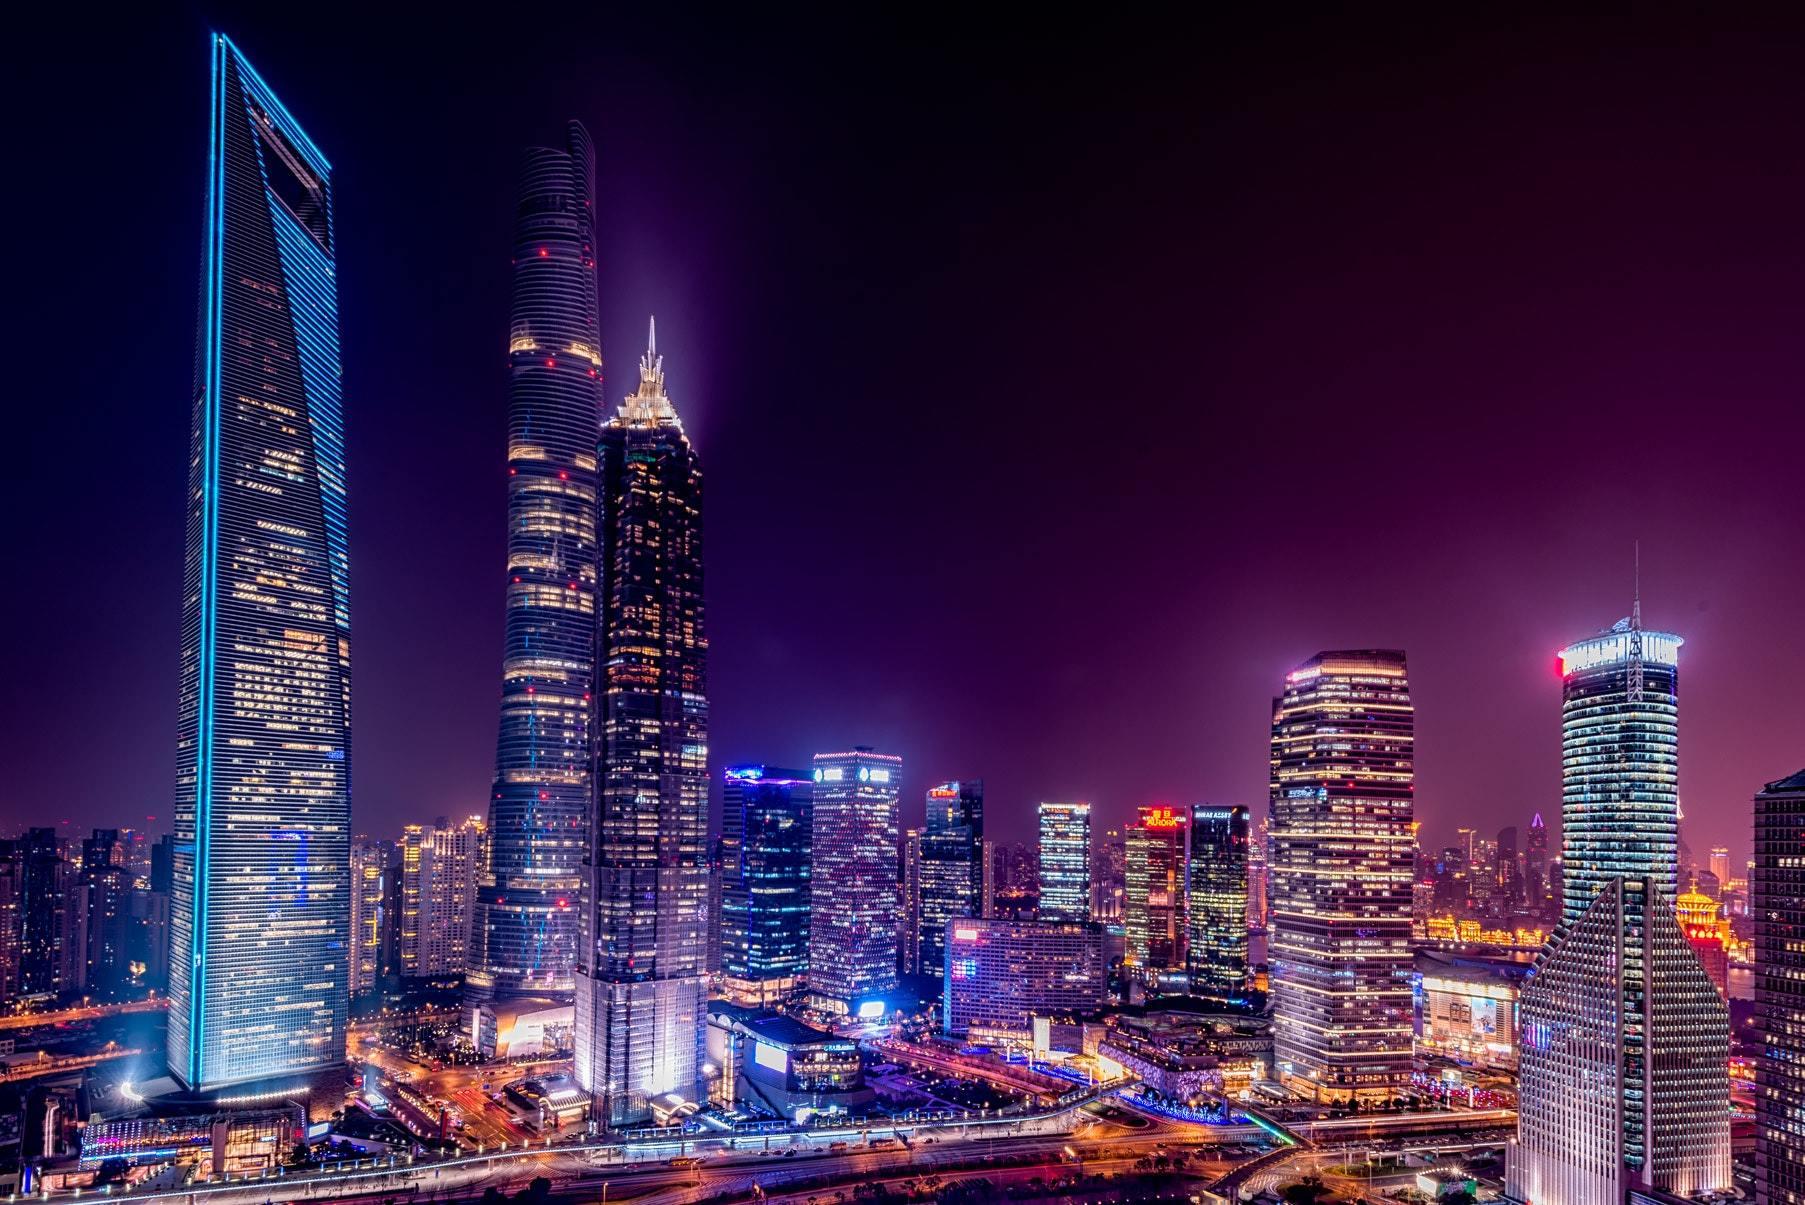 Hình ảnh thành phố lung linh tuyệt đẹp